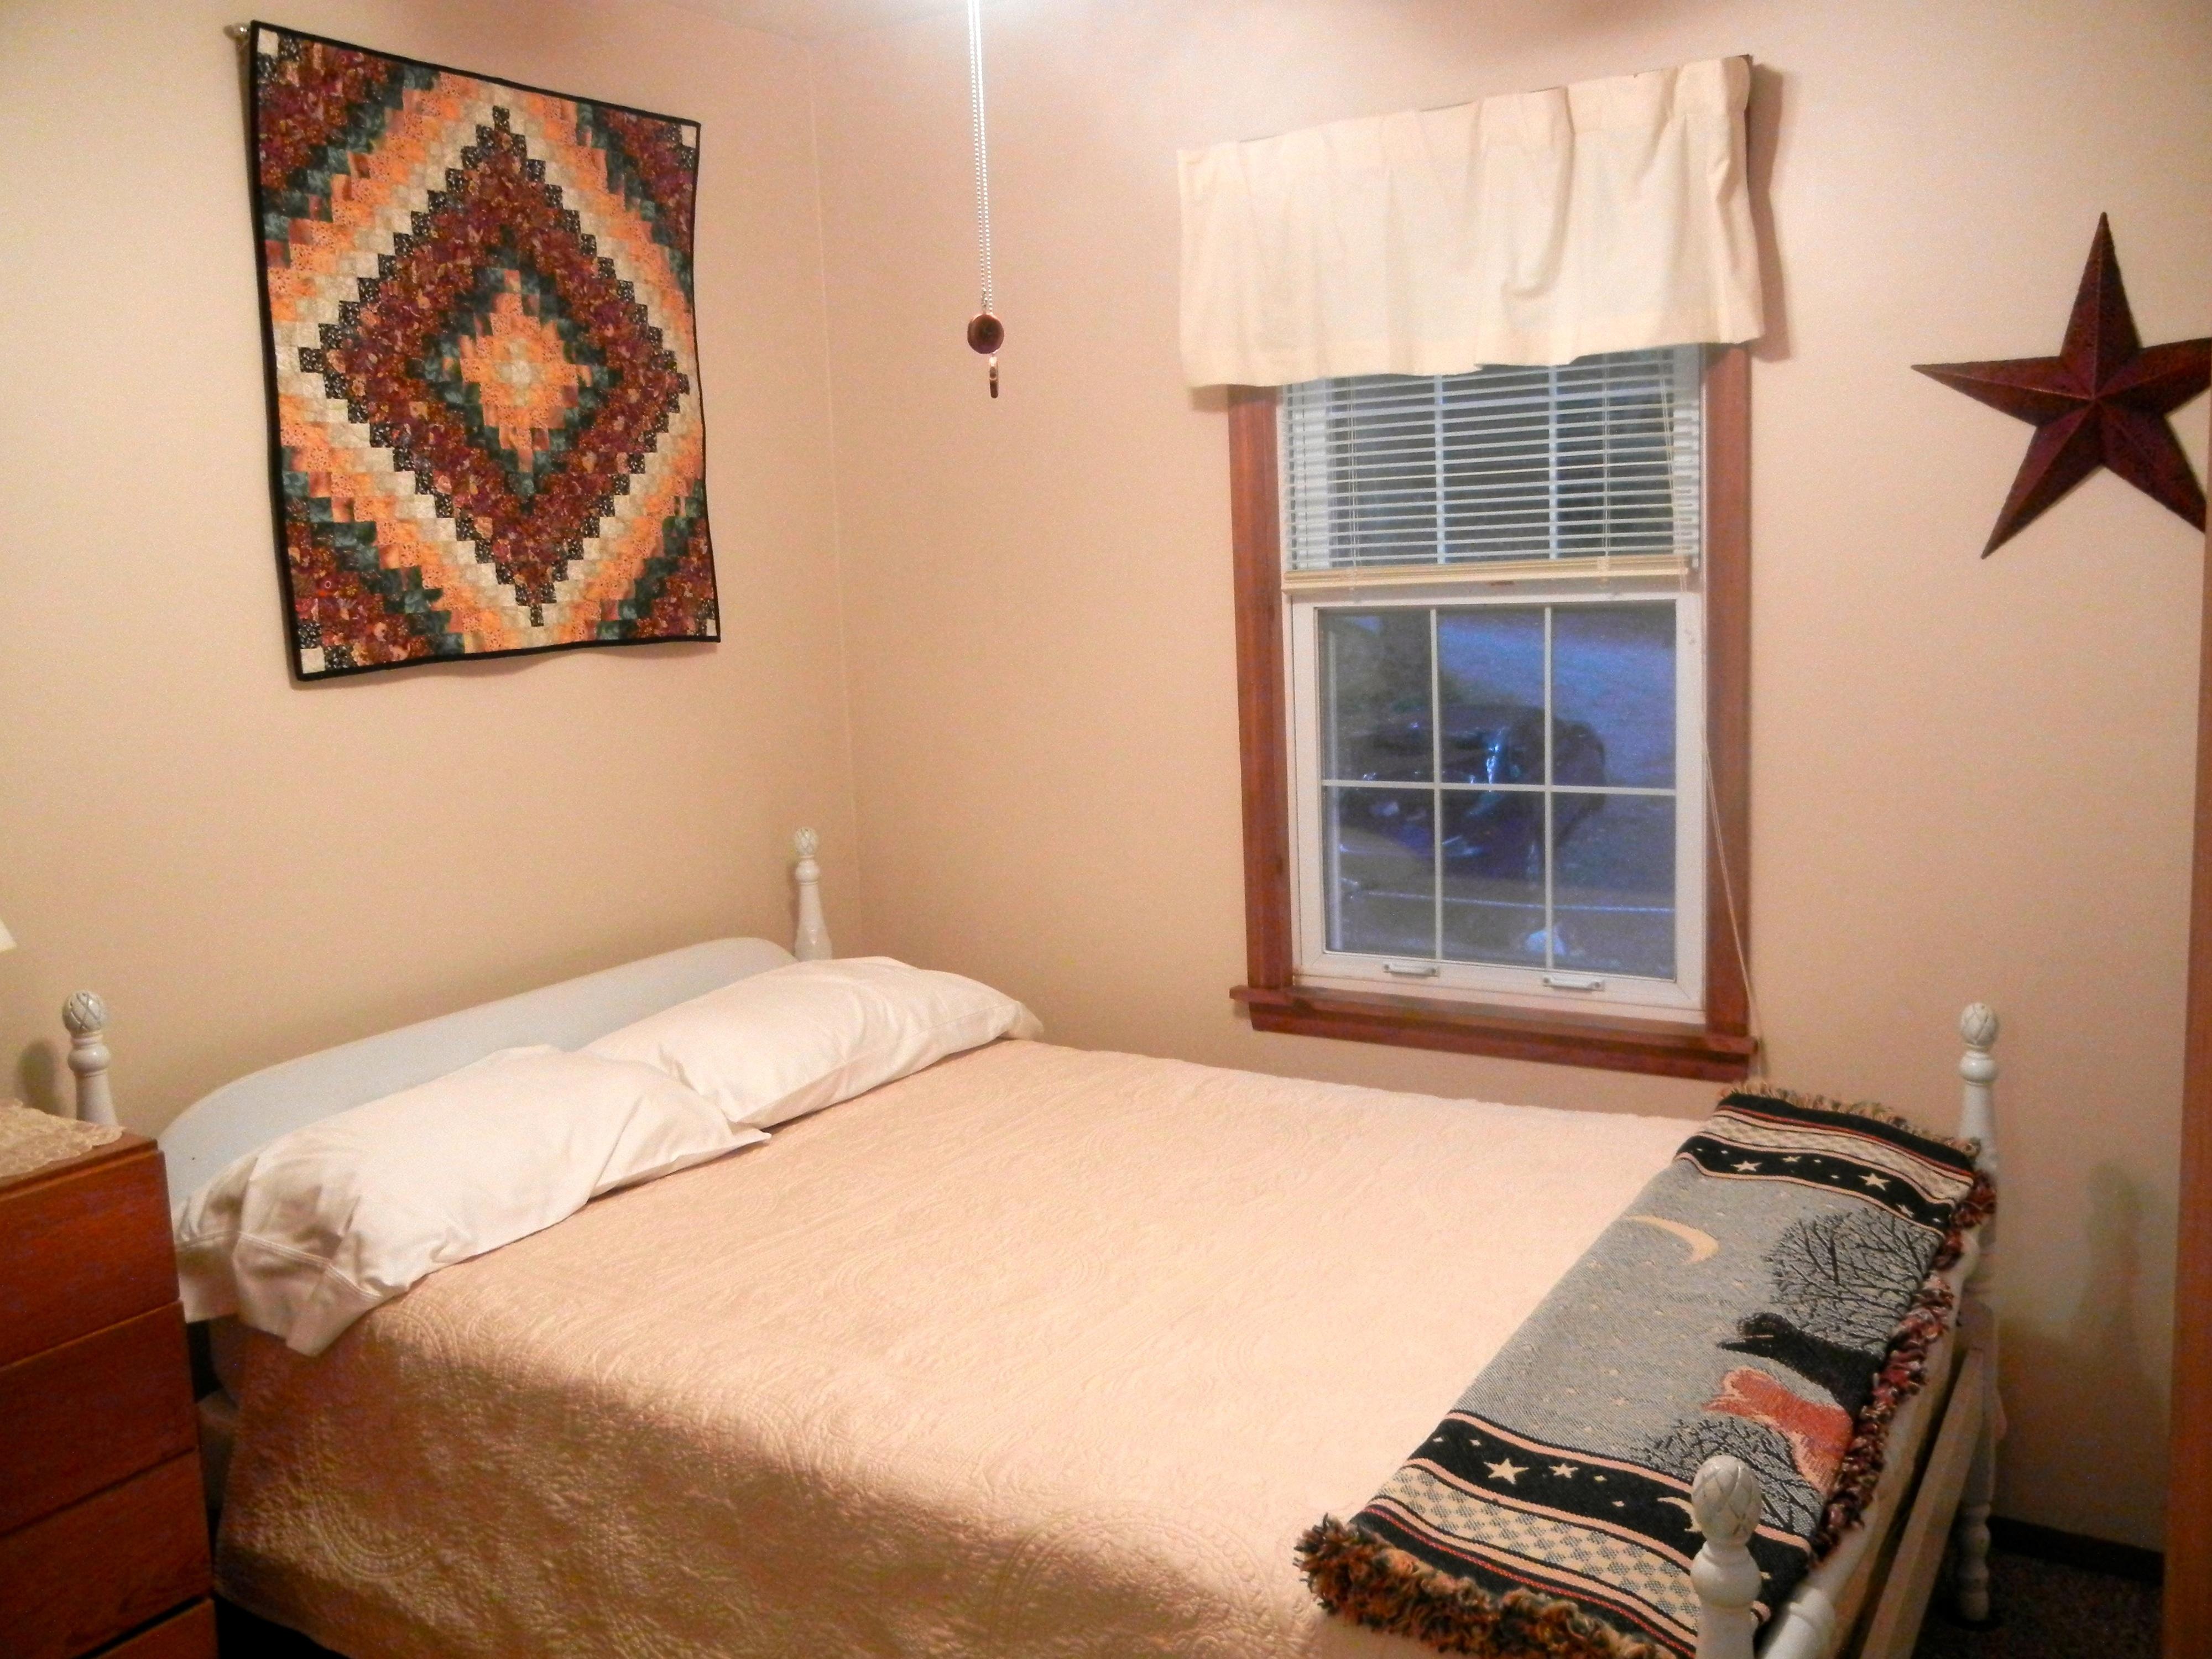 https://0201.nccdn.net/4_2/000/000/019/c2c/bedroom-2-4000x3000.jpg